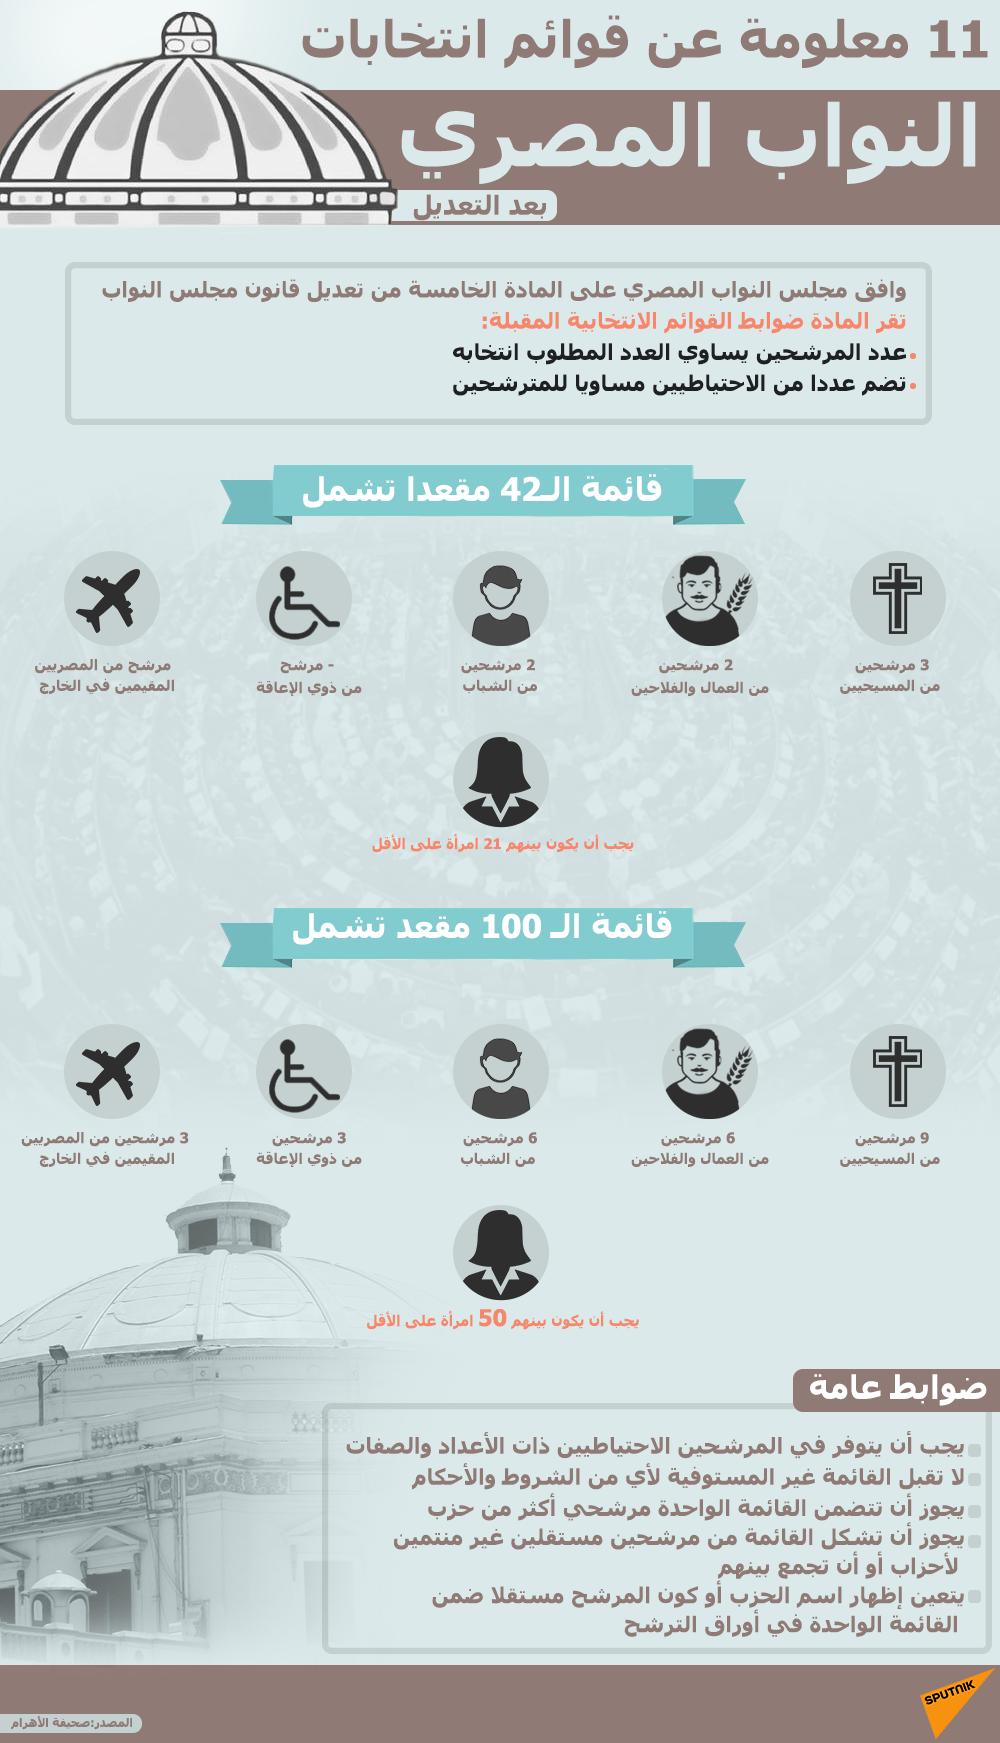 11 معلومة عن قوائم انتخابات النواب المصري بعد التعديل